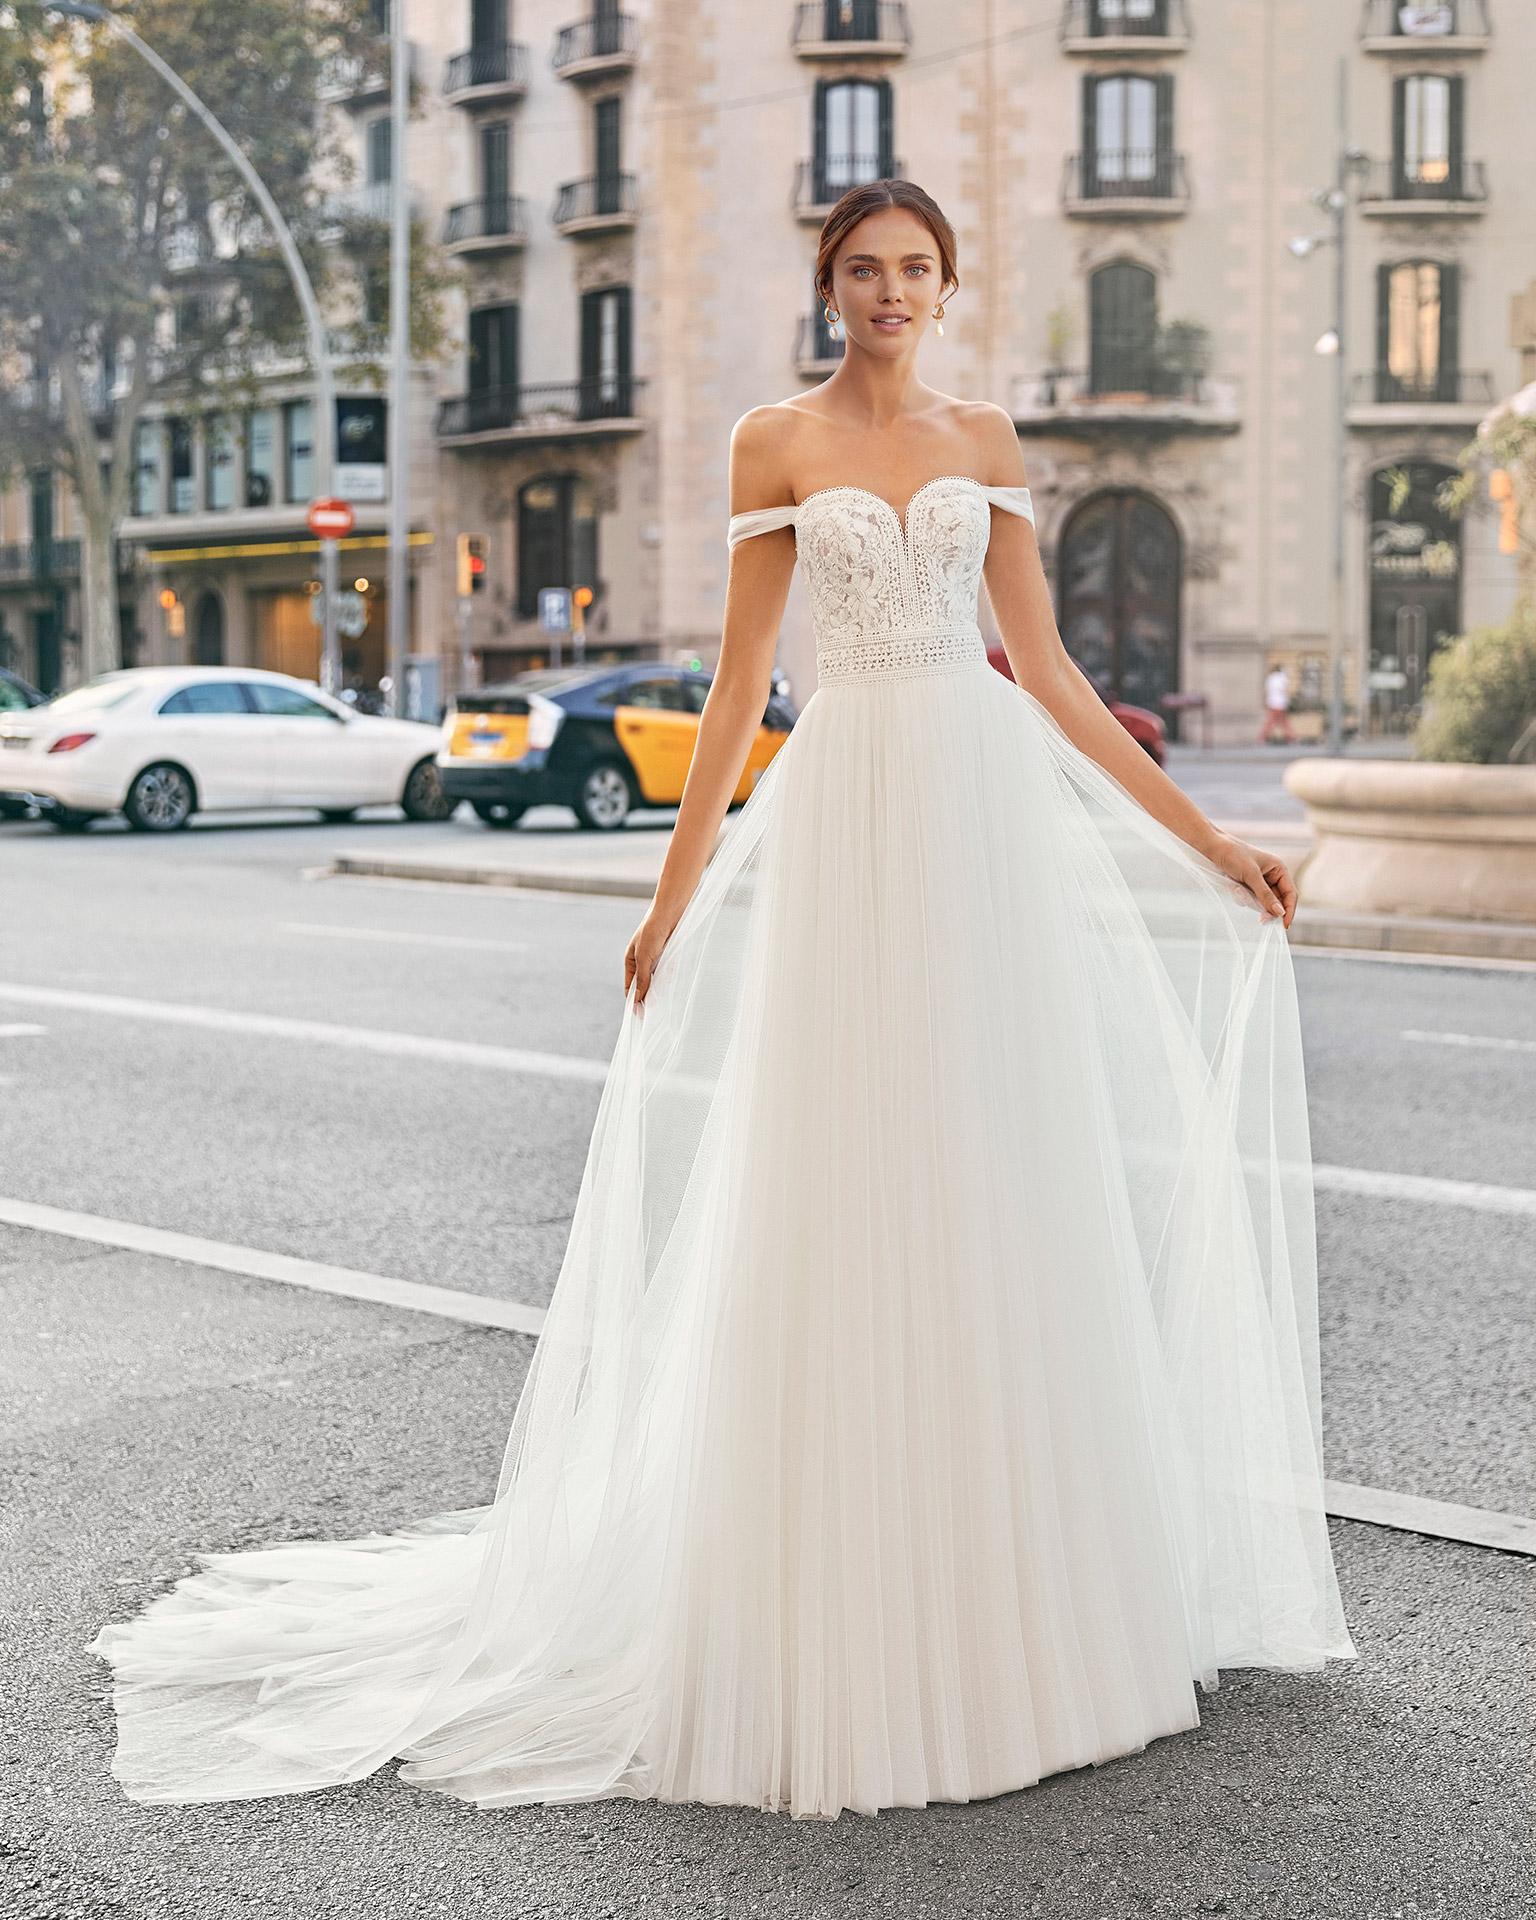 Vestido de novia de corte recto de tul suave, encaje y pedrería. Escote corazón con tirantes bajo hombro. Colección  2021.